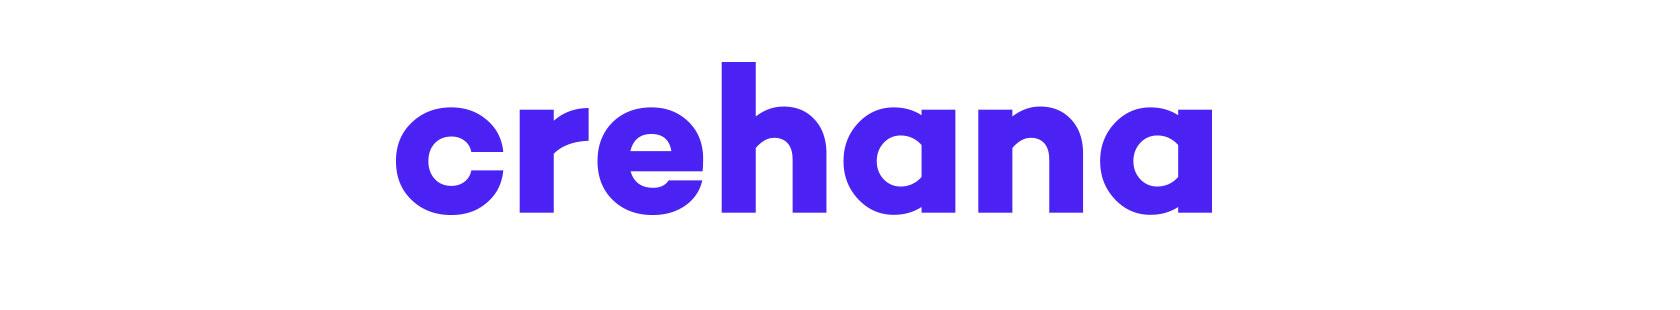 Estoy interesado en hacer una alianza con Crehana. ¿Con quién me ...